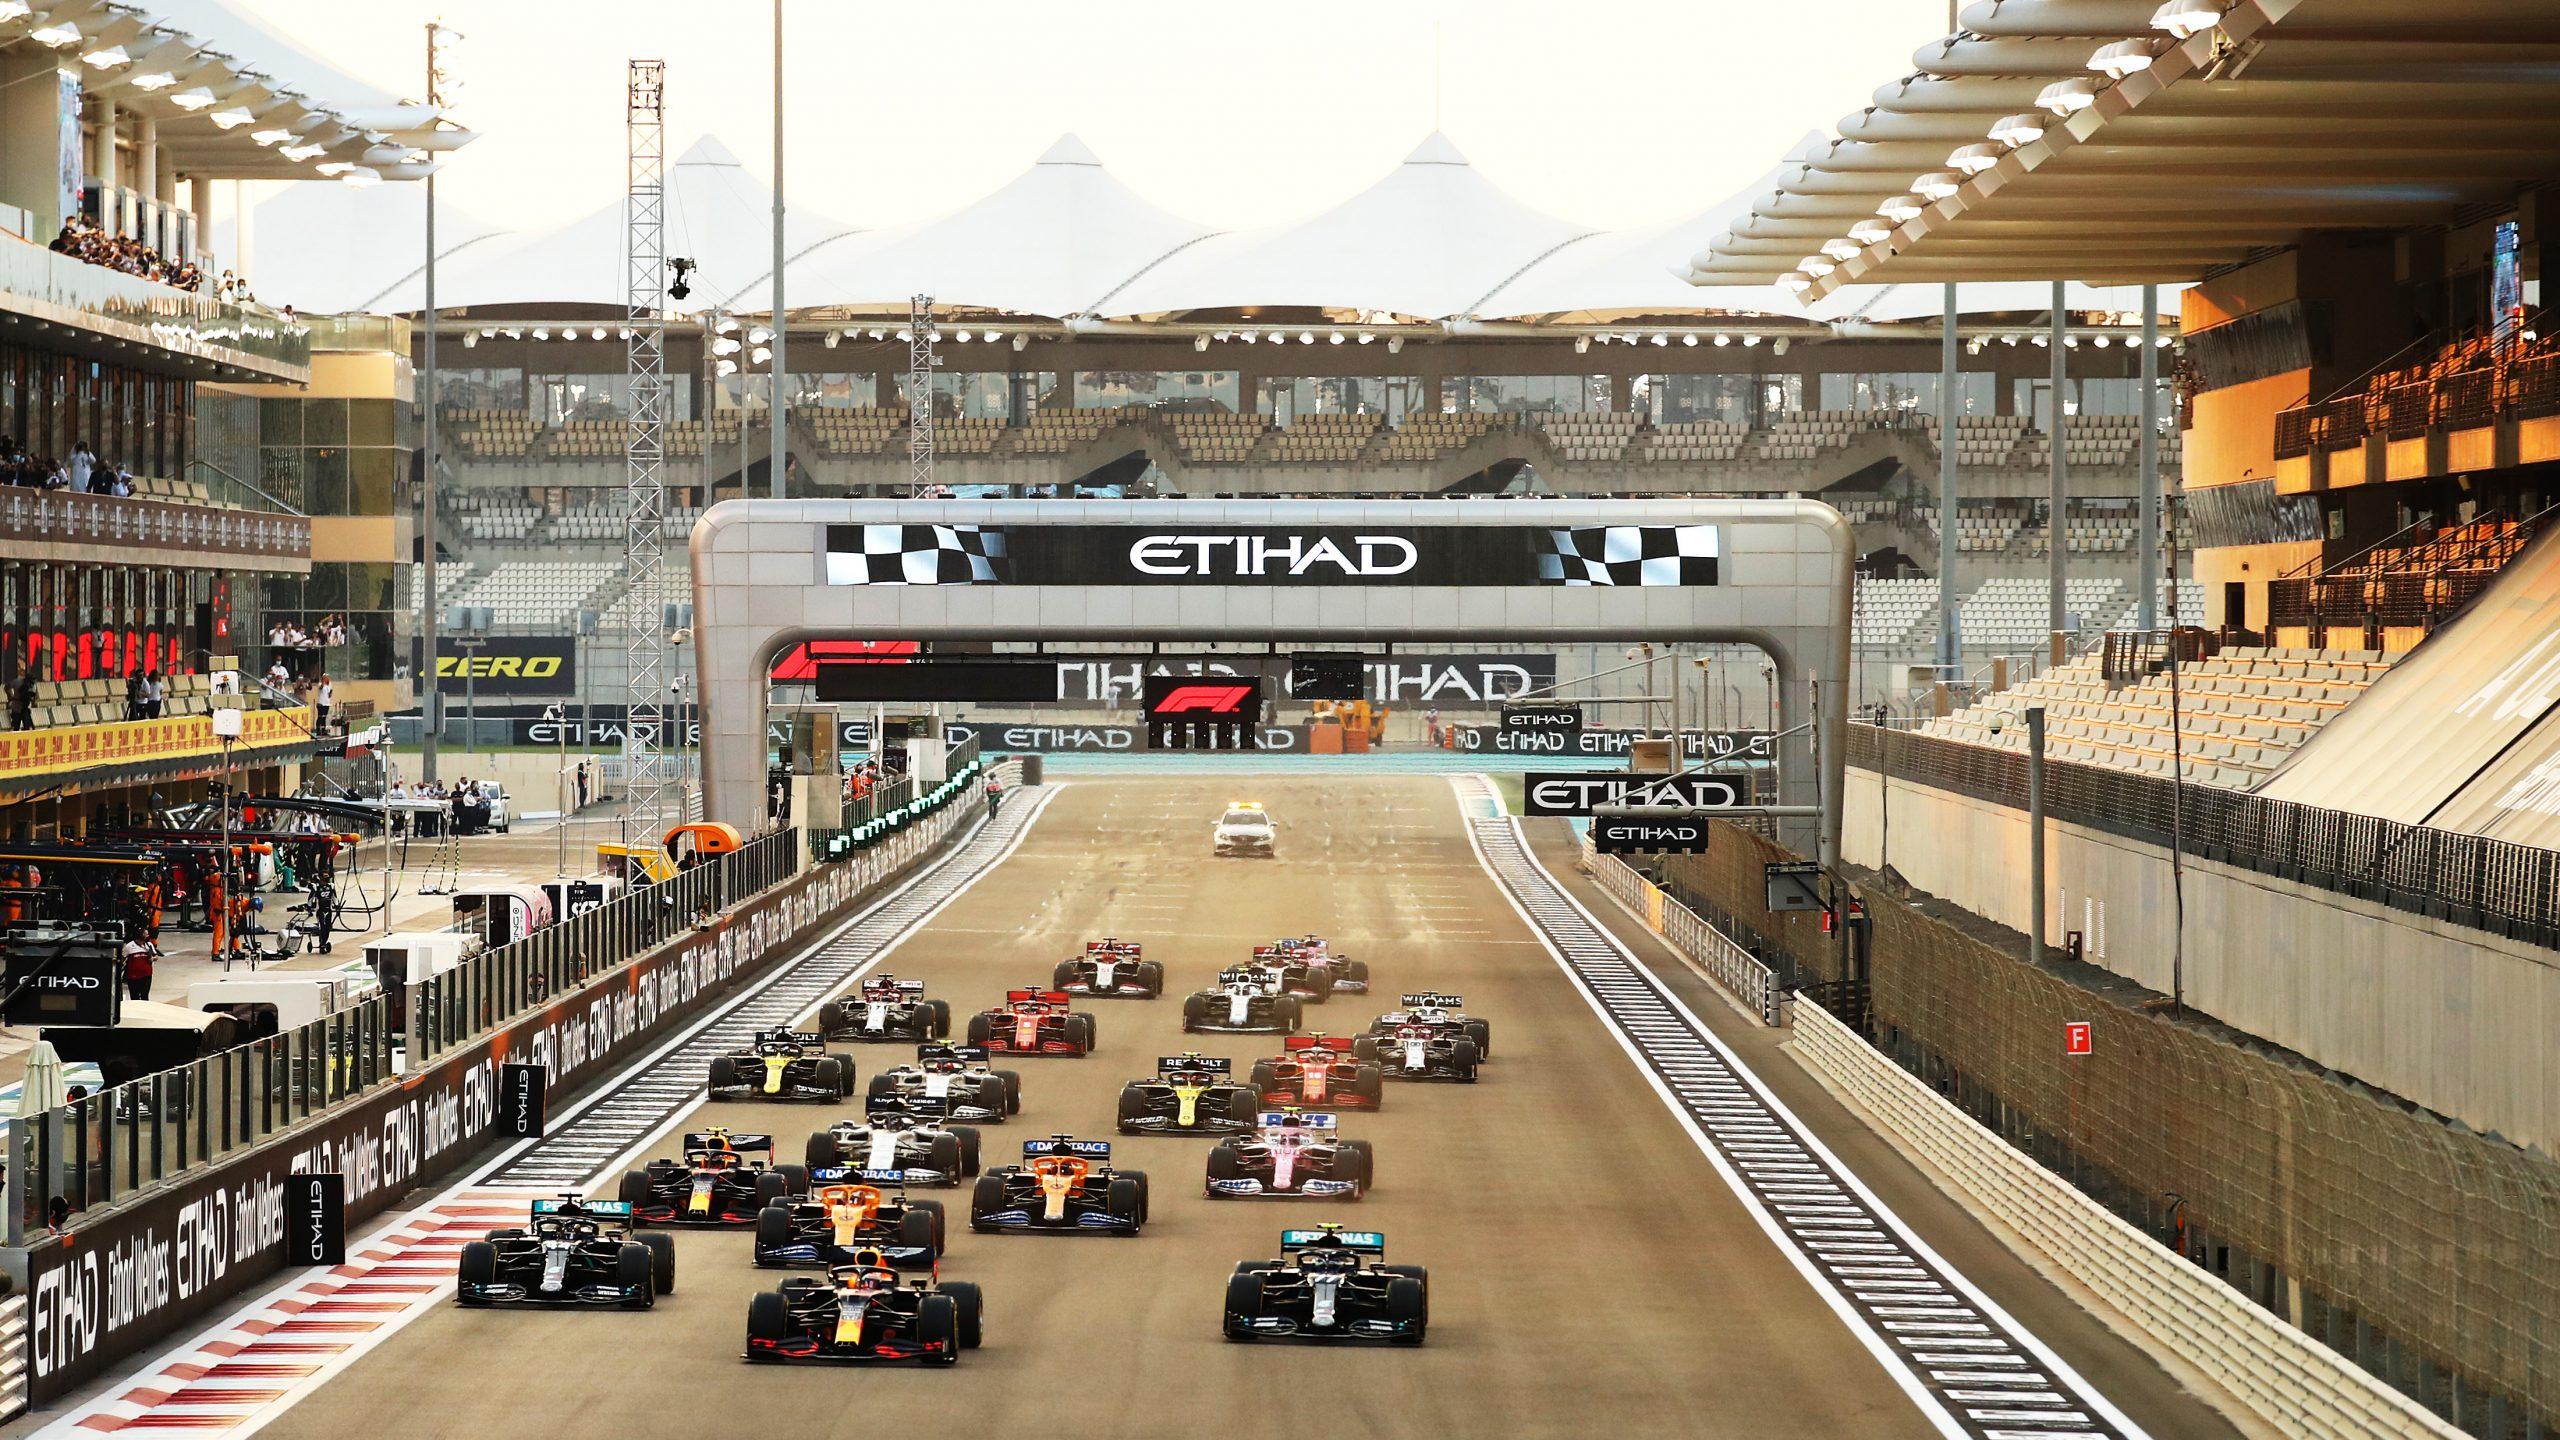 Benefits of LivestreamingThe Formula 1 Event